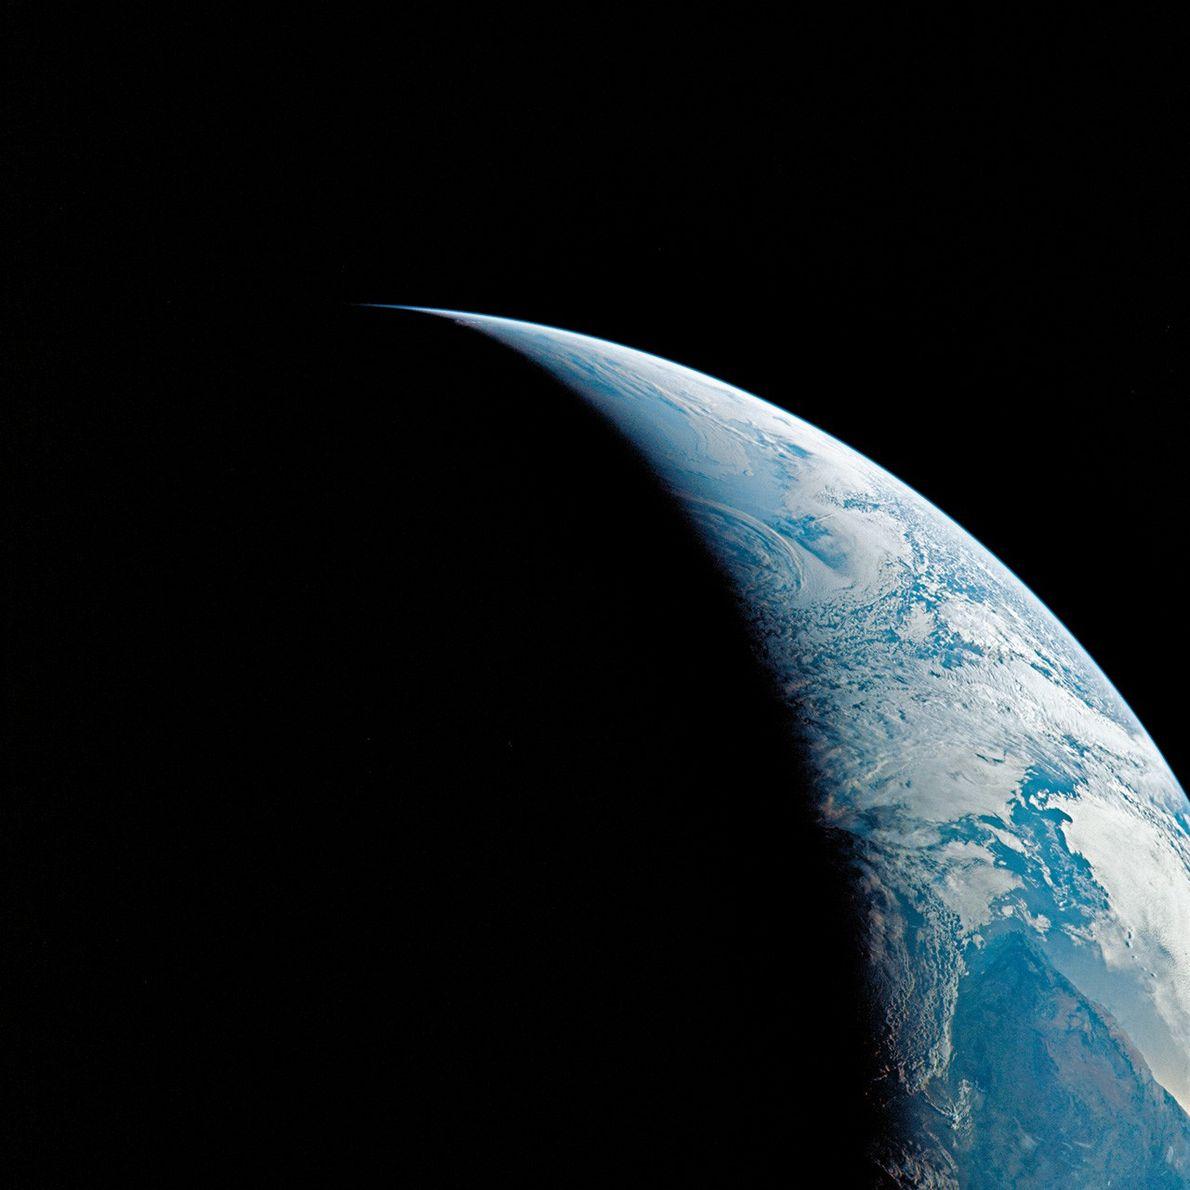 Vue de la planète Terre